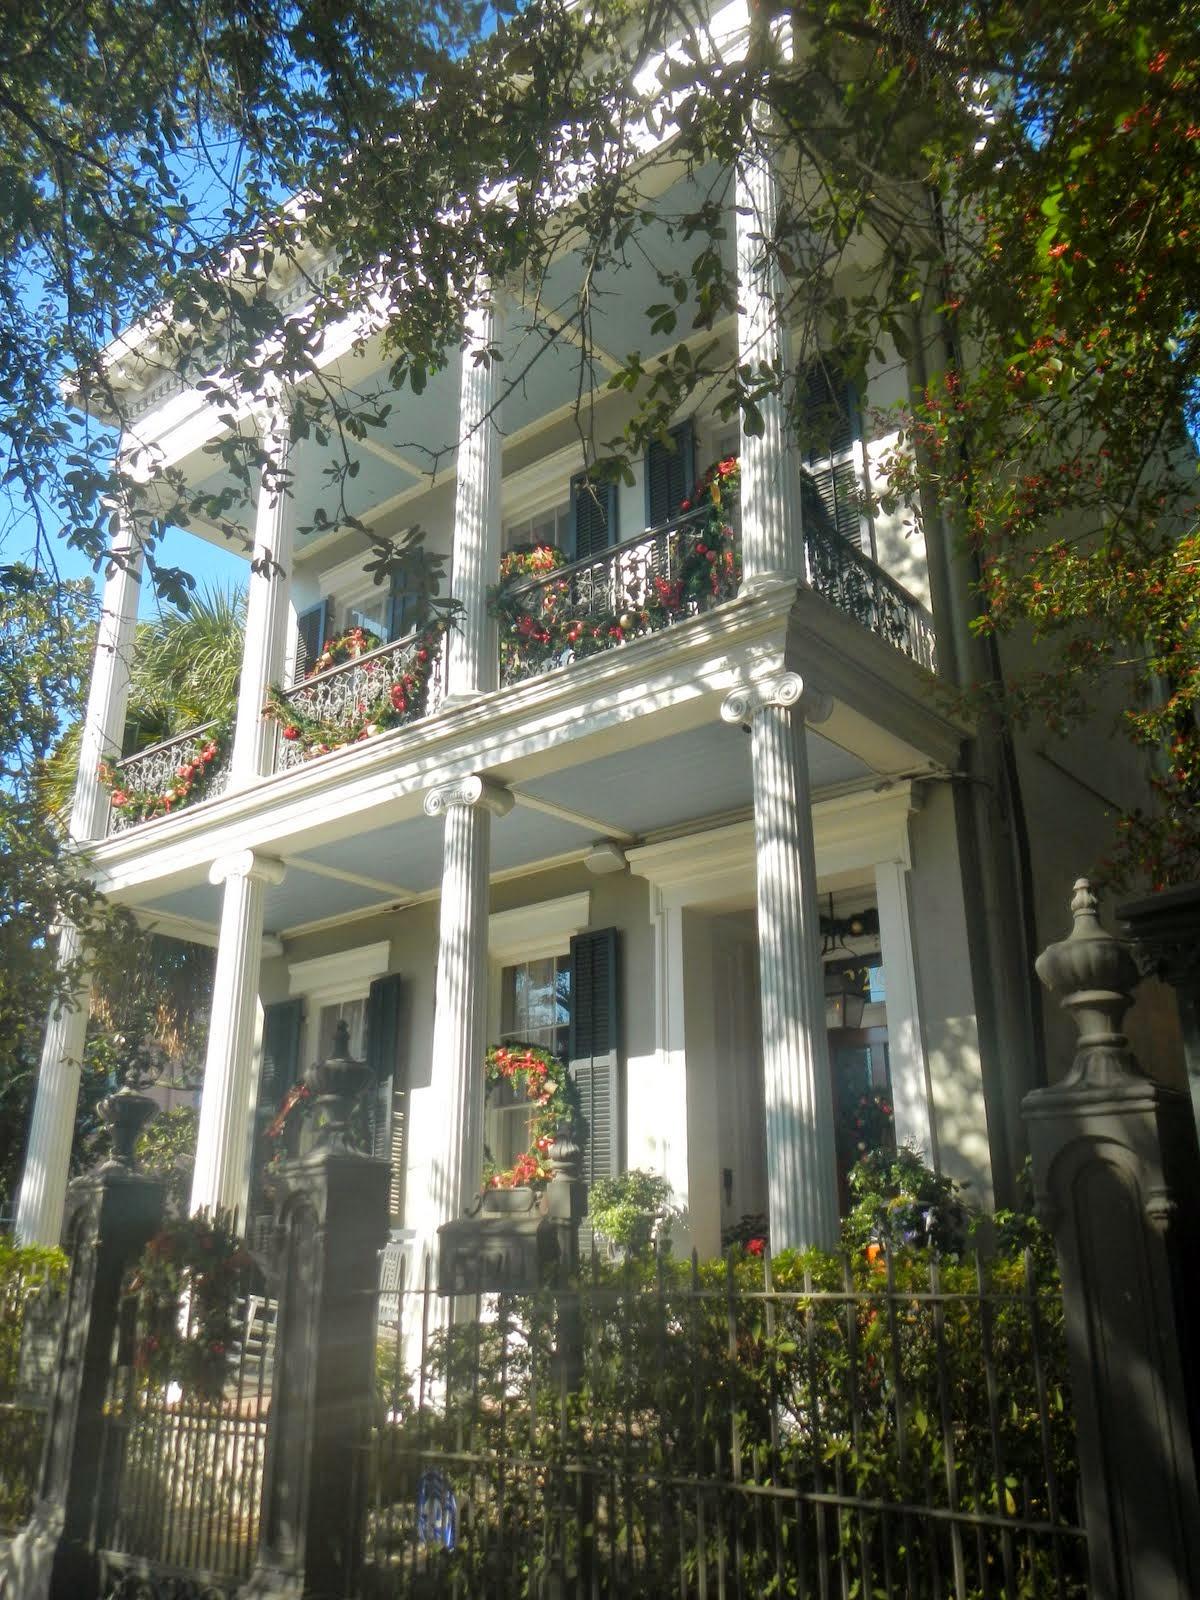 Big Daddy Dave: A Walk Through New Orleans\' Garden District